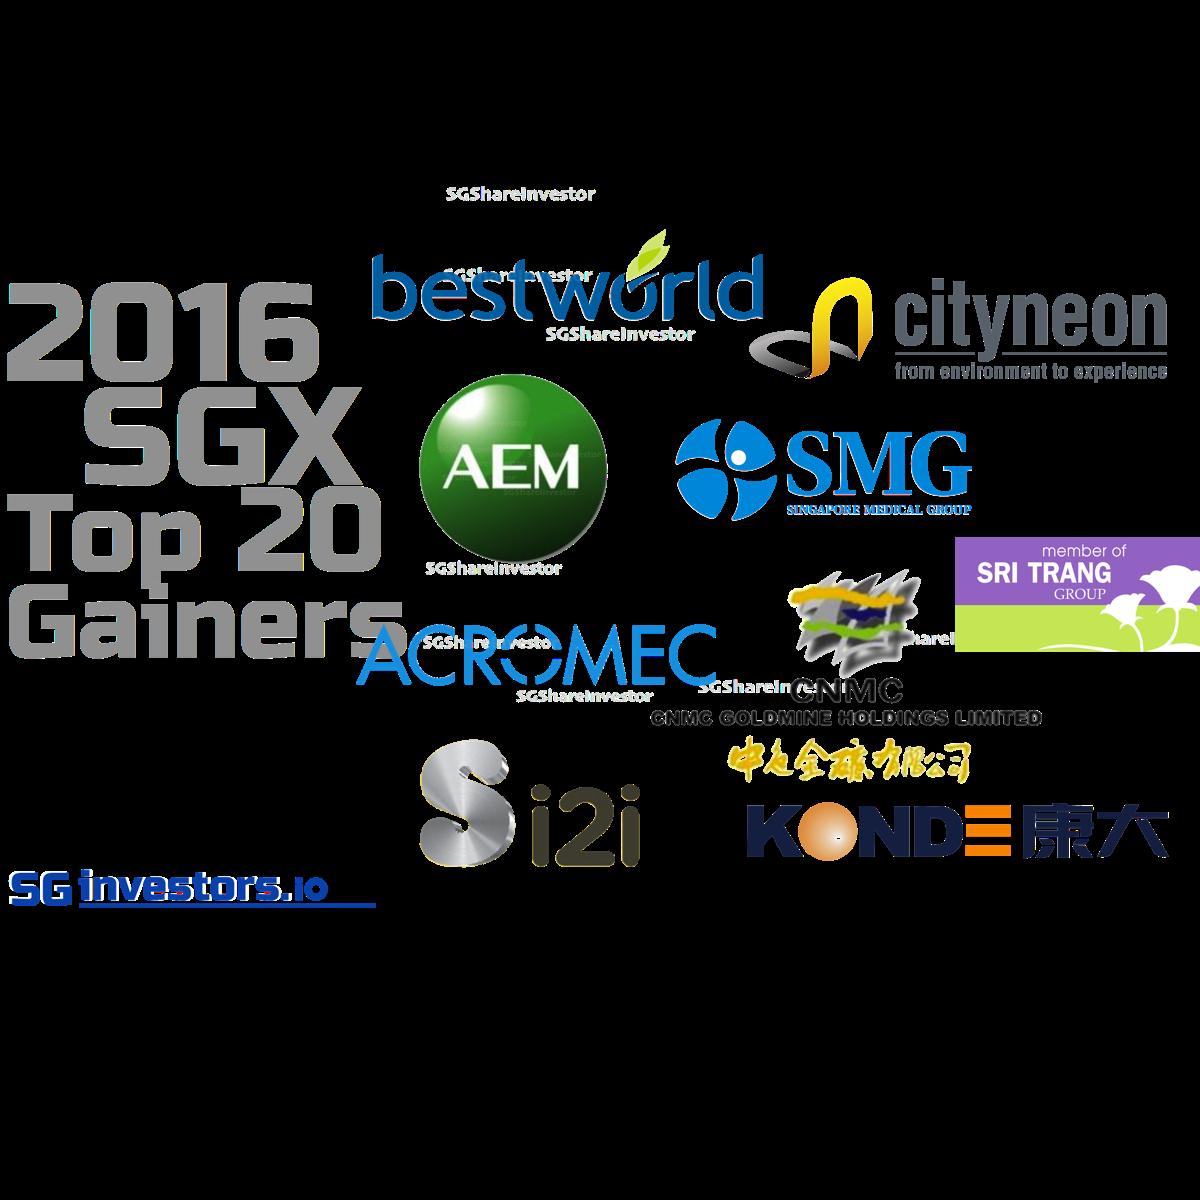 2016 SGX Top 20 Performers @ SGinvestors.io